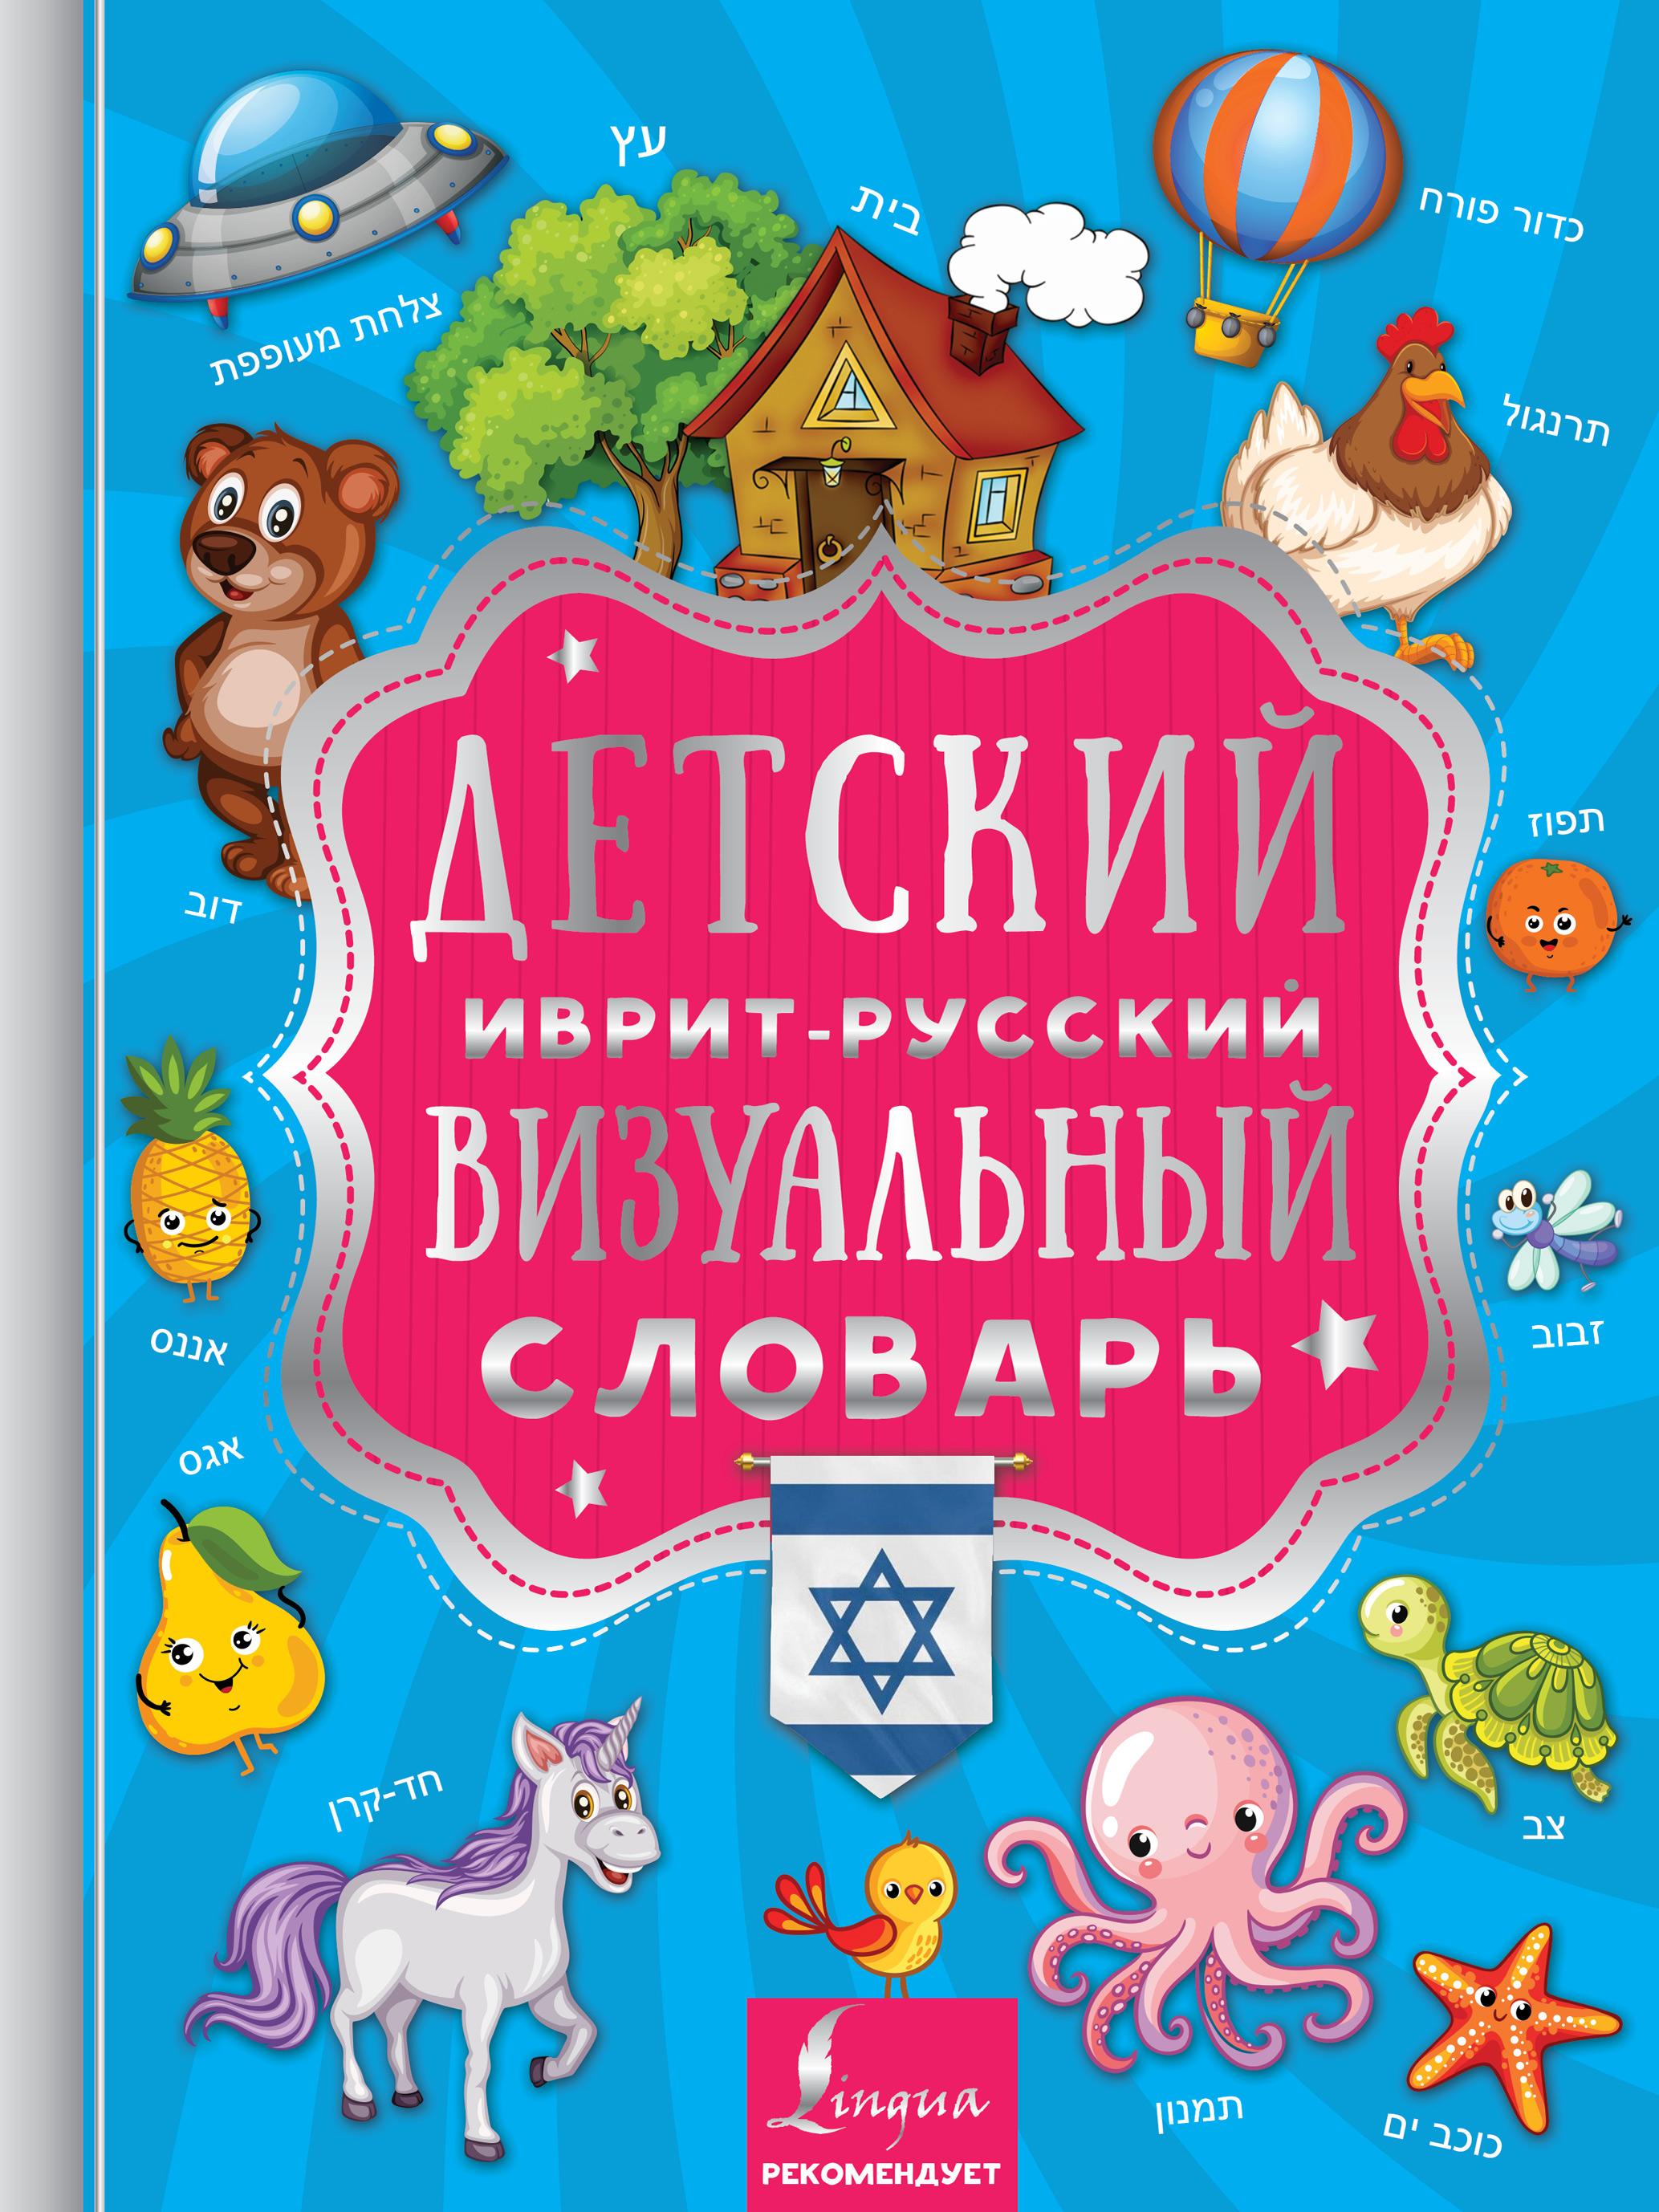 Отсутствует Детский иврит-русский визуальный словарь пазл стеша рыба с алфавитом иврит